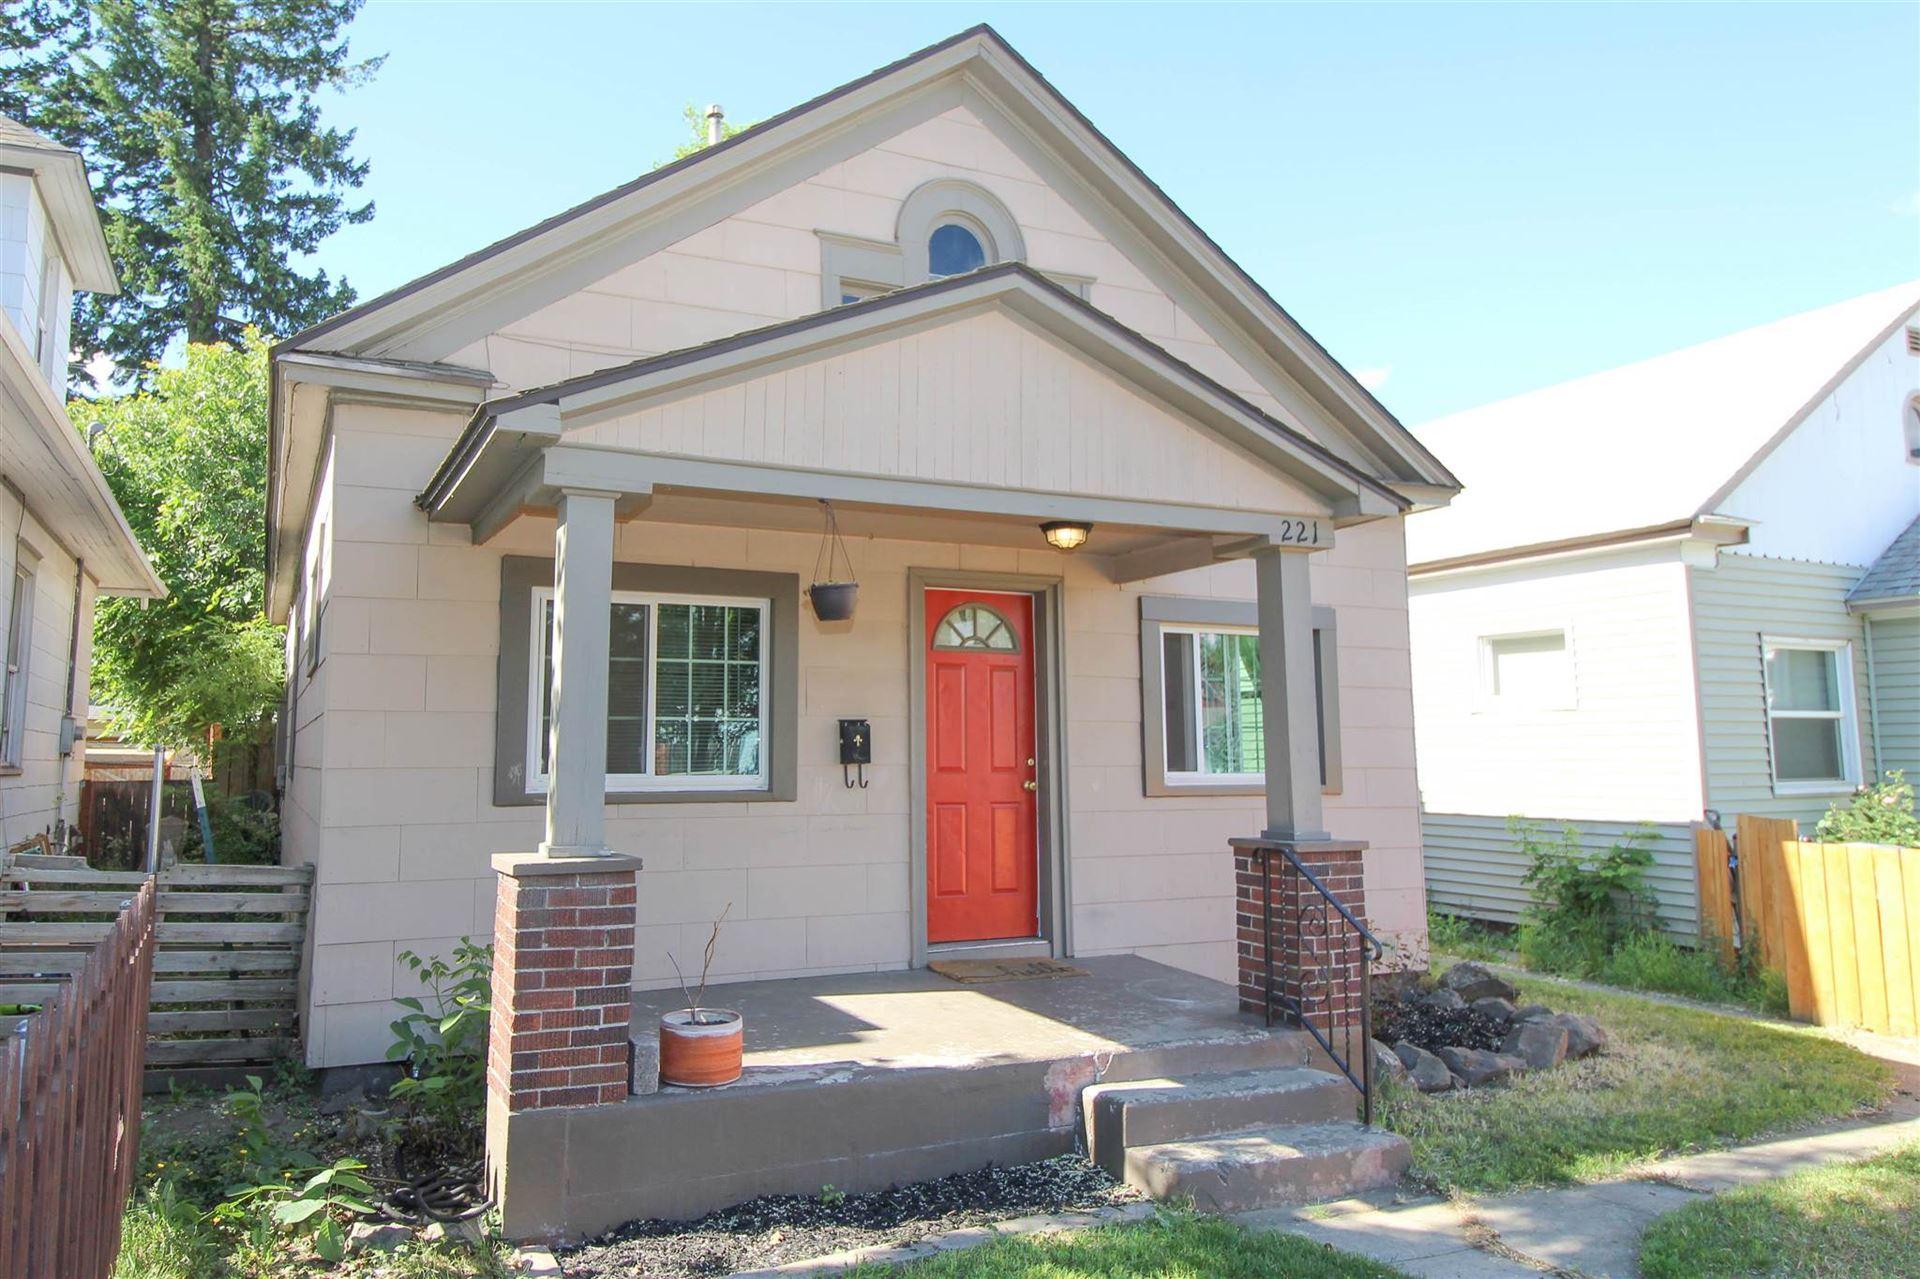 221 W Montgomery Ave, Spokane, WA 99205 - #: 202117017